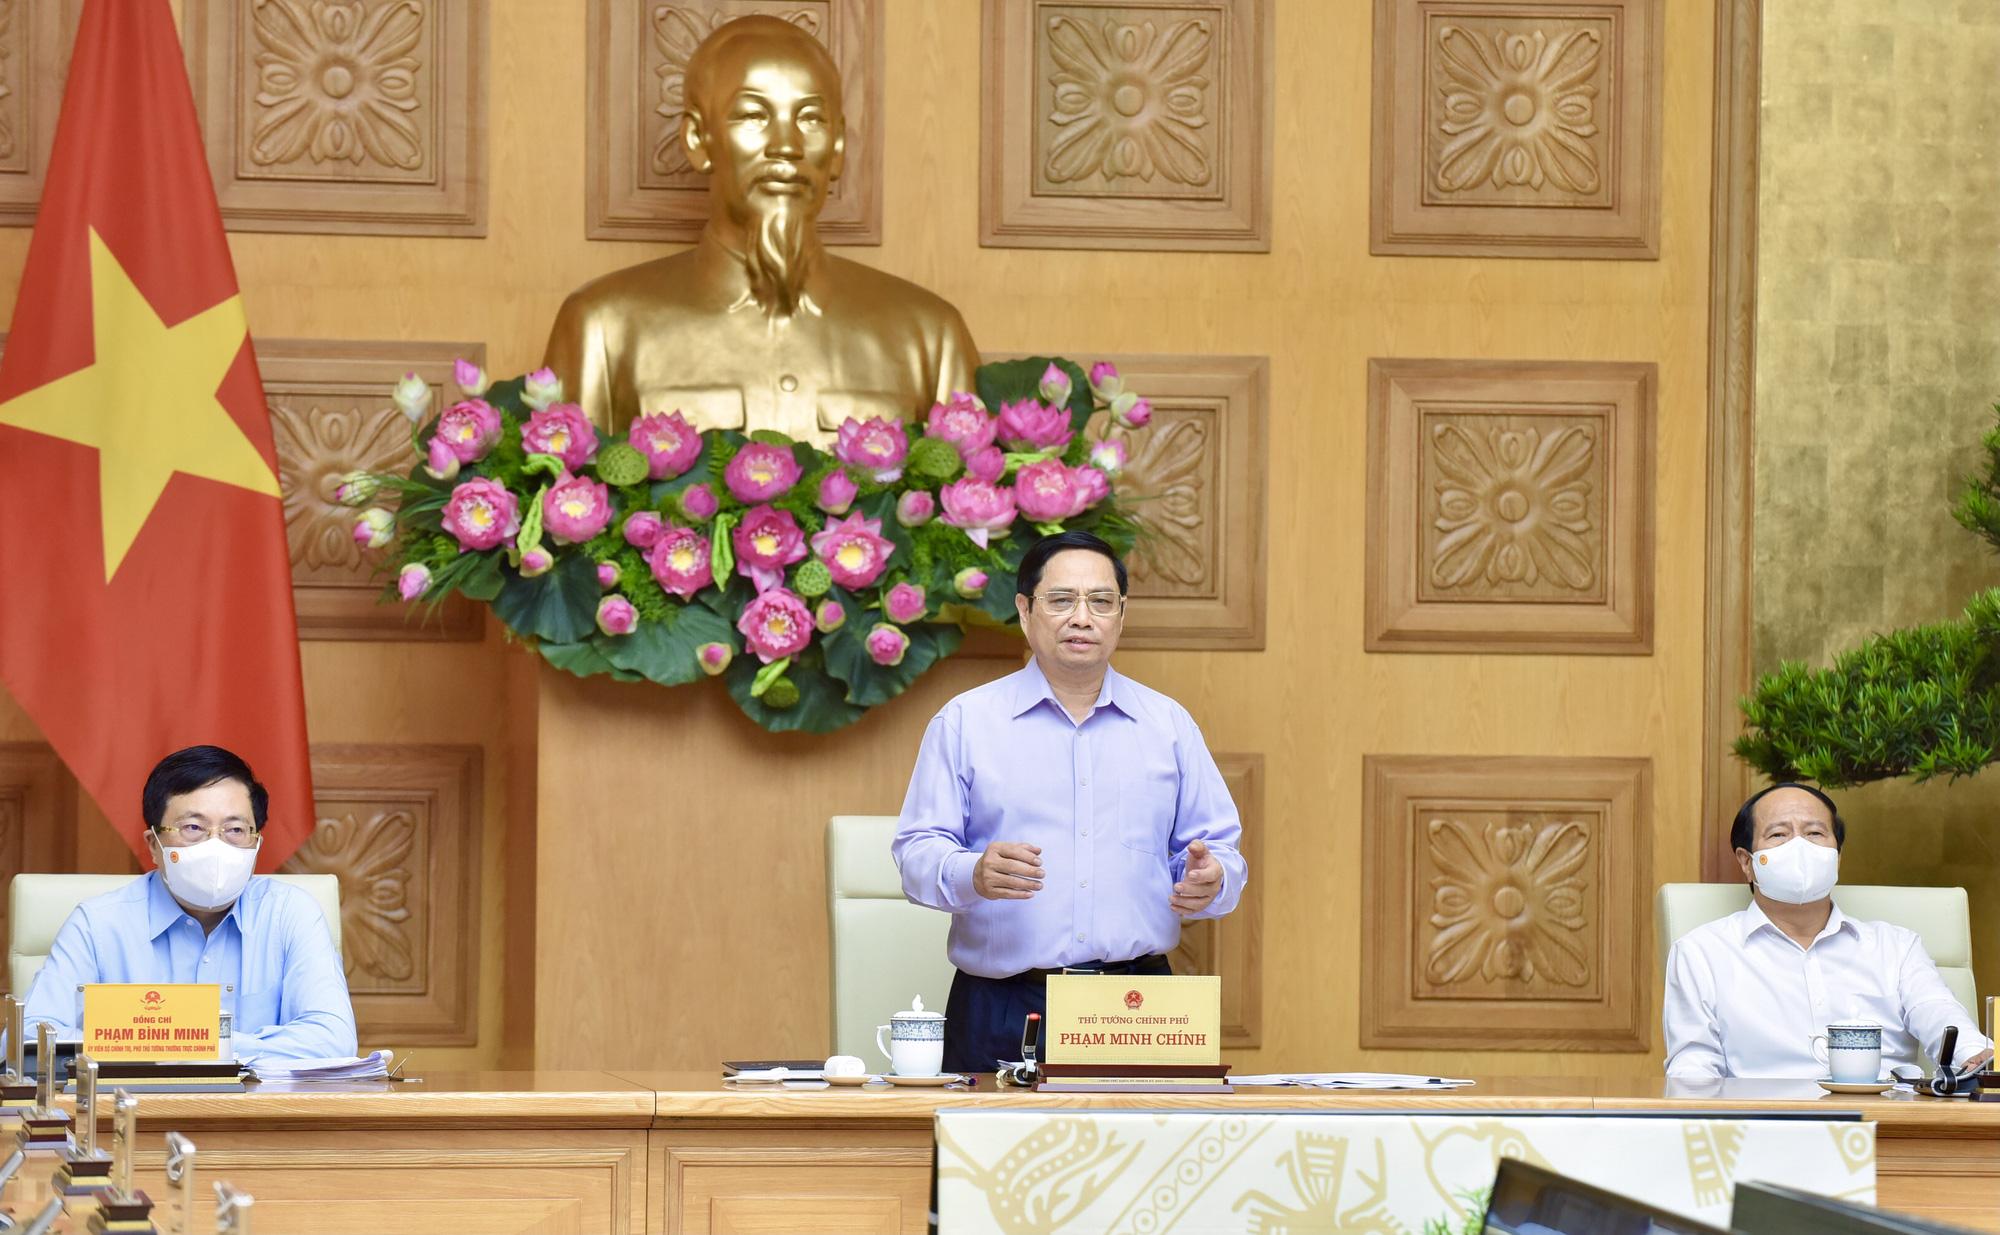 Thủ tướng phê bình nghiêm khắc các bộ, cơ quan, địa phương có tỉ lệ giải ngân vốn đầu tư công dưới 40% - Ảnh 1.